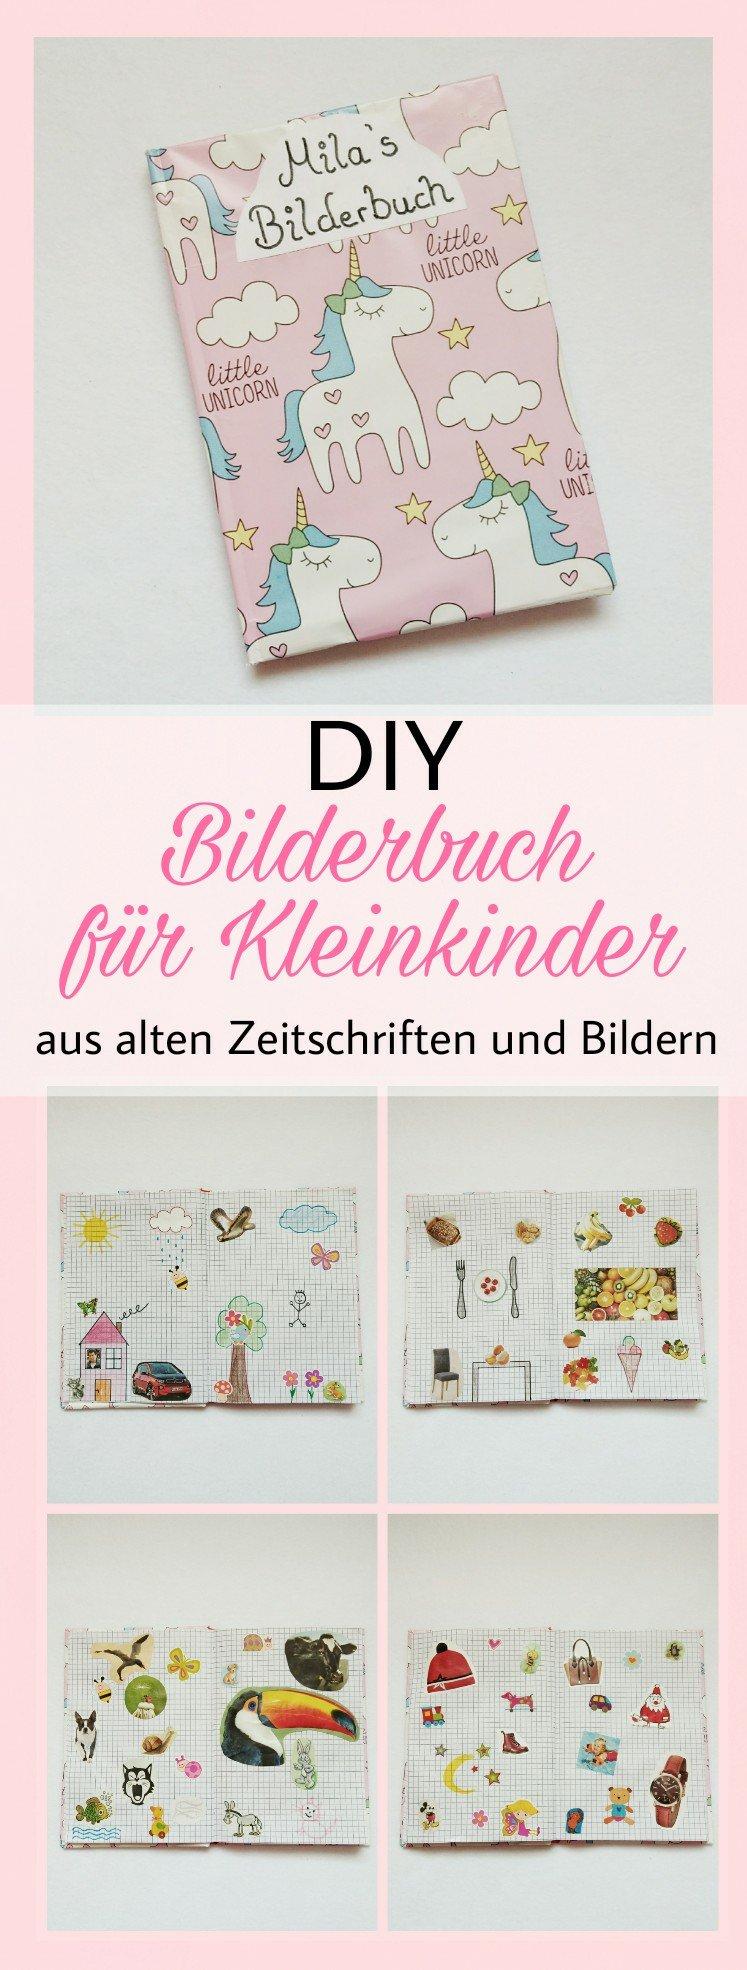 Eine Tolle Kreative DIY Idee. Ein Bilderbuch Oder Lernbuch Für Kleinkinder  Und Babys Selber Basteln